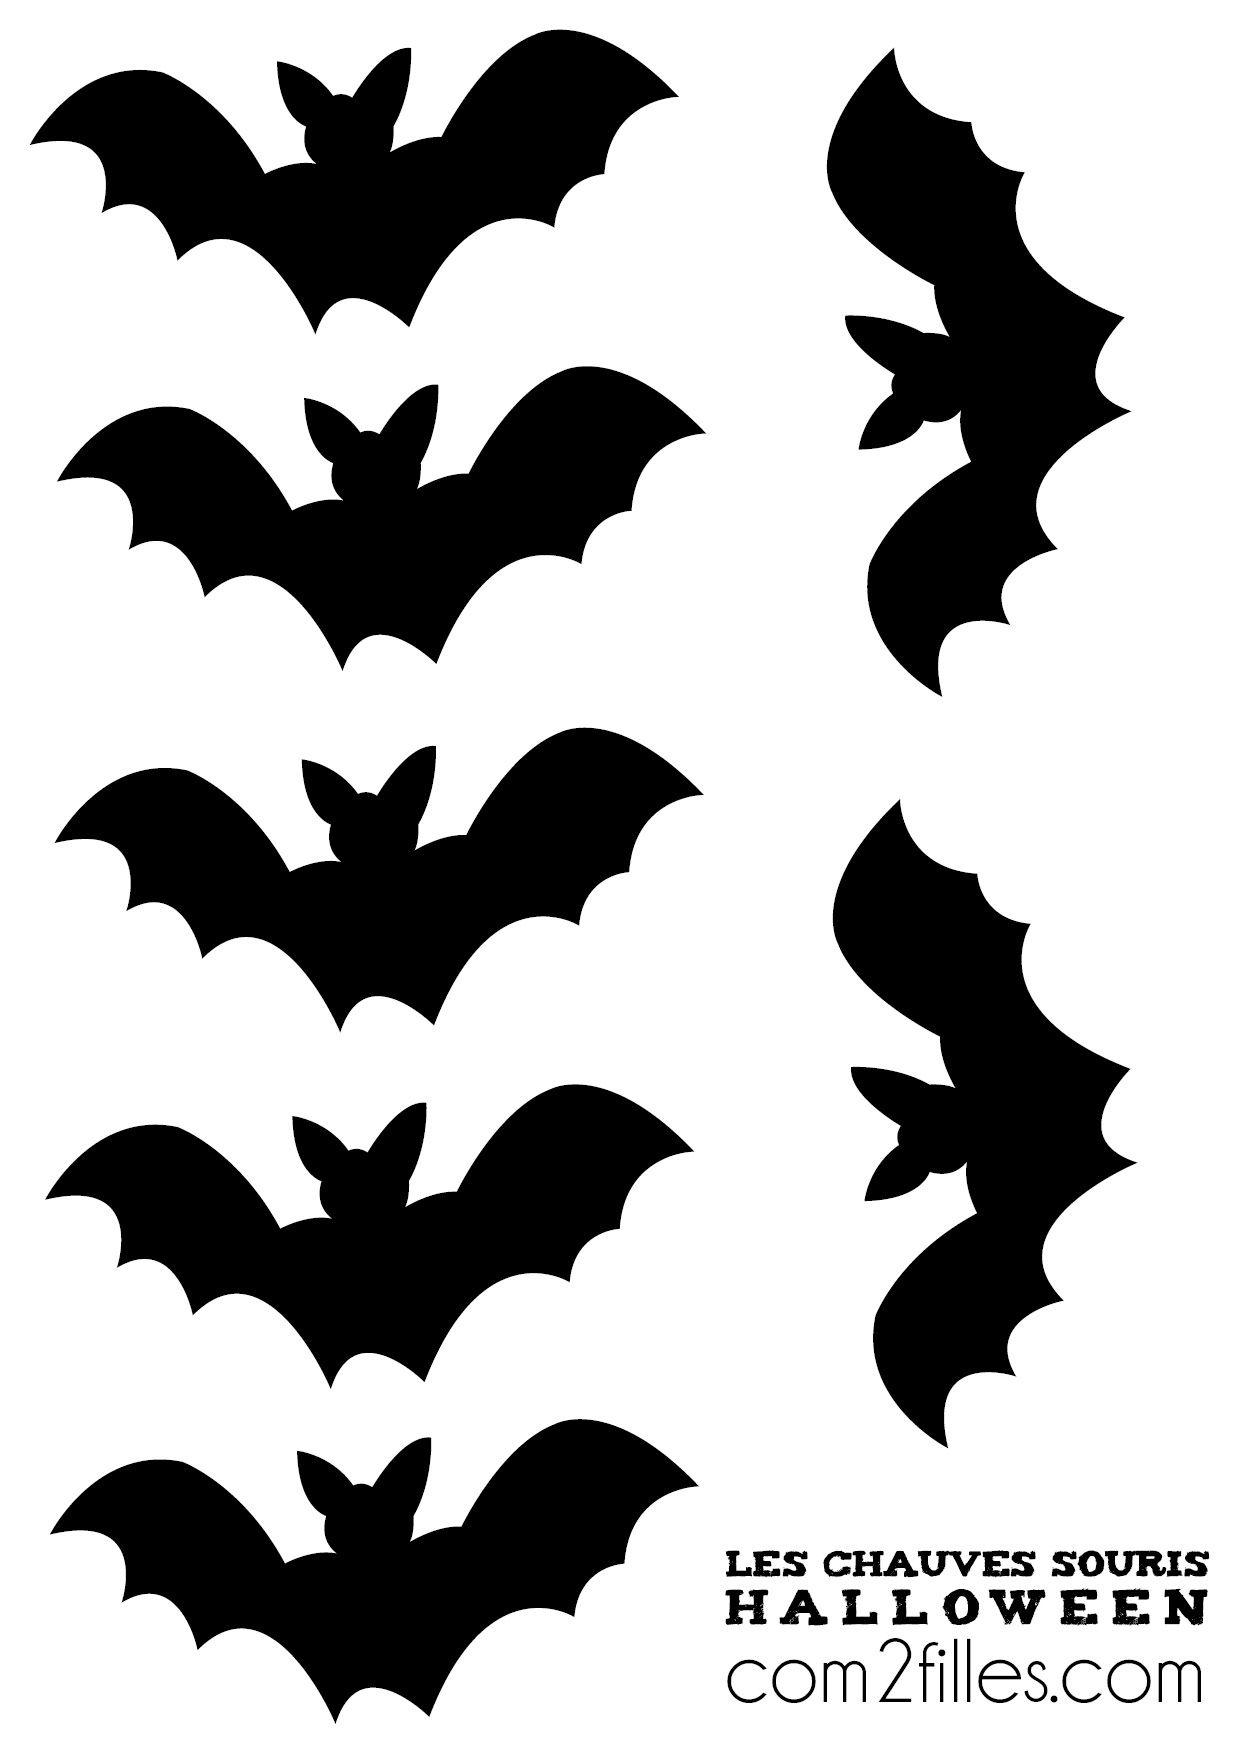 Beau dessin a imprimer chauve souris halloween - Dessin de chauve souris d halloween ...